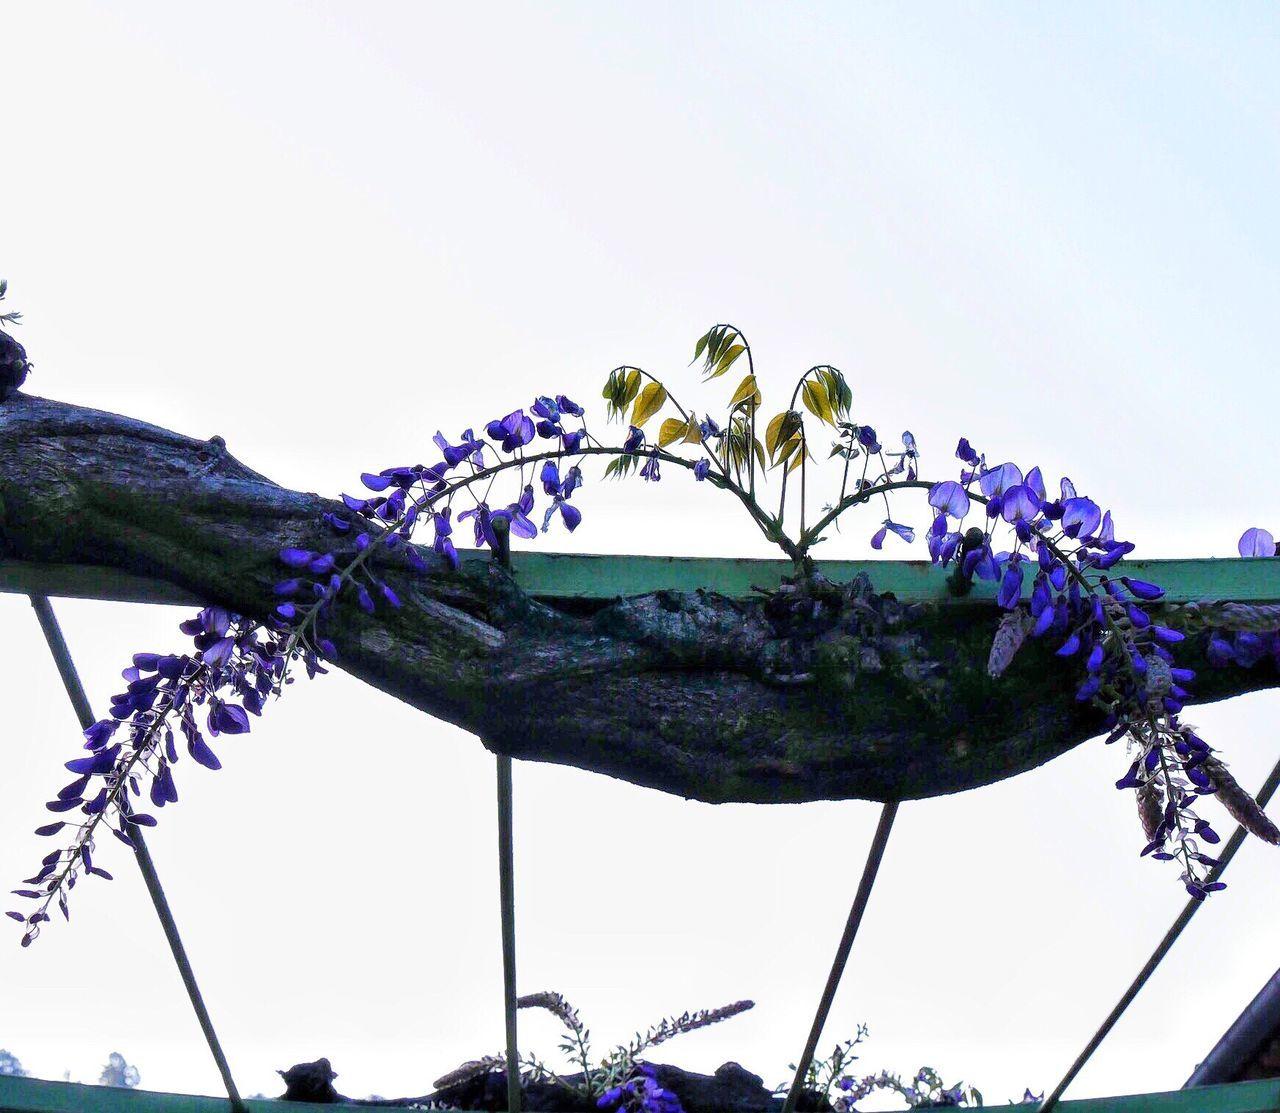 Glycine Pergola Flowers Springtime Spring Wisteria Wisteria Flowers Wisteria Trellis